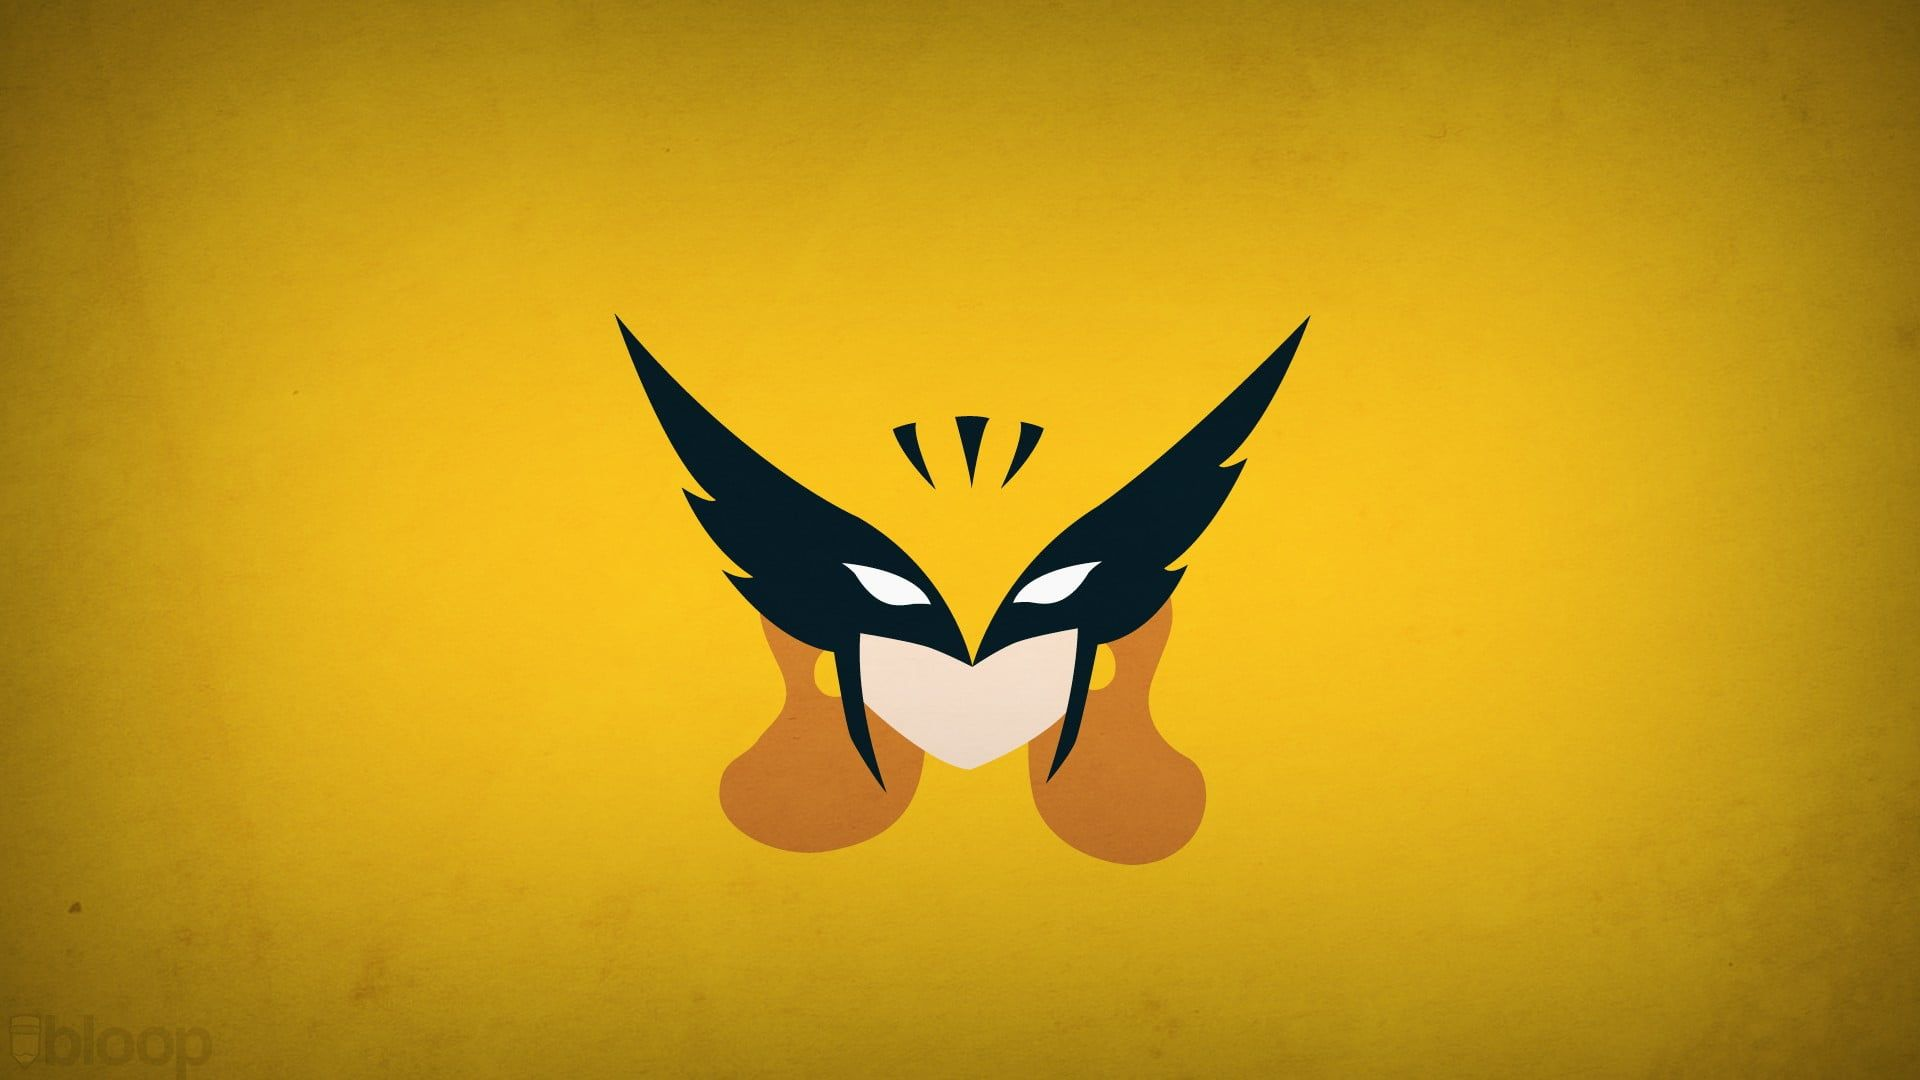 Dc Comics Hero Hawkgirl Blo0p Superhero Minimalism 1080p Wallpaper Hdwallpaper Desktop Hawkgirl Hero Wallpaper Superhero Wallpaper